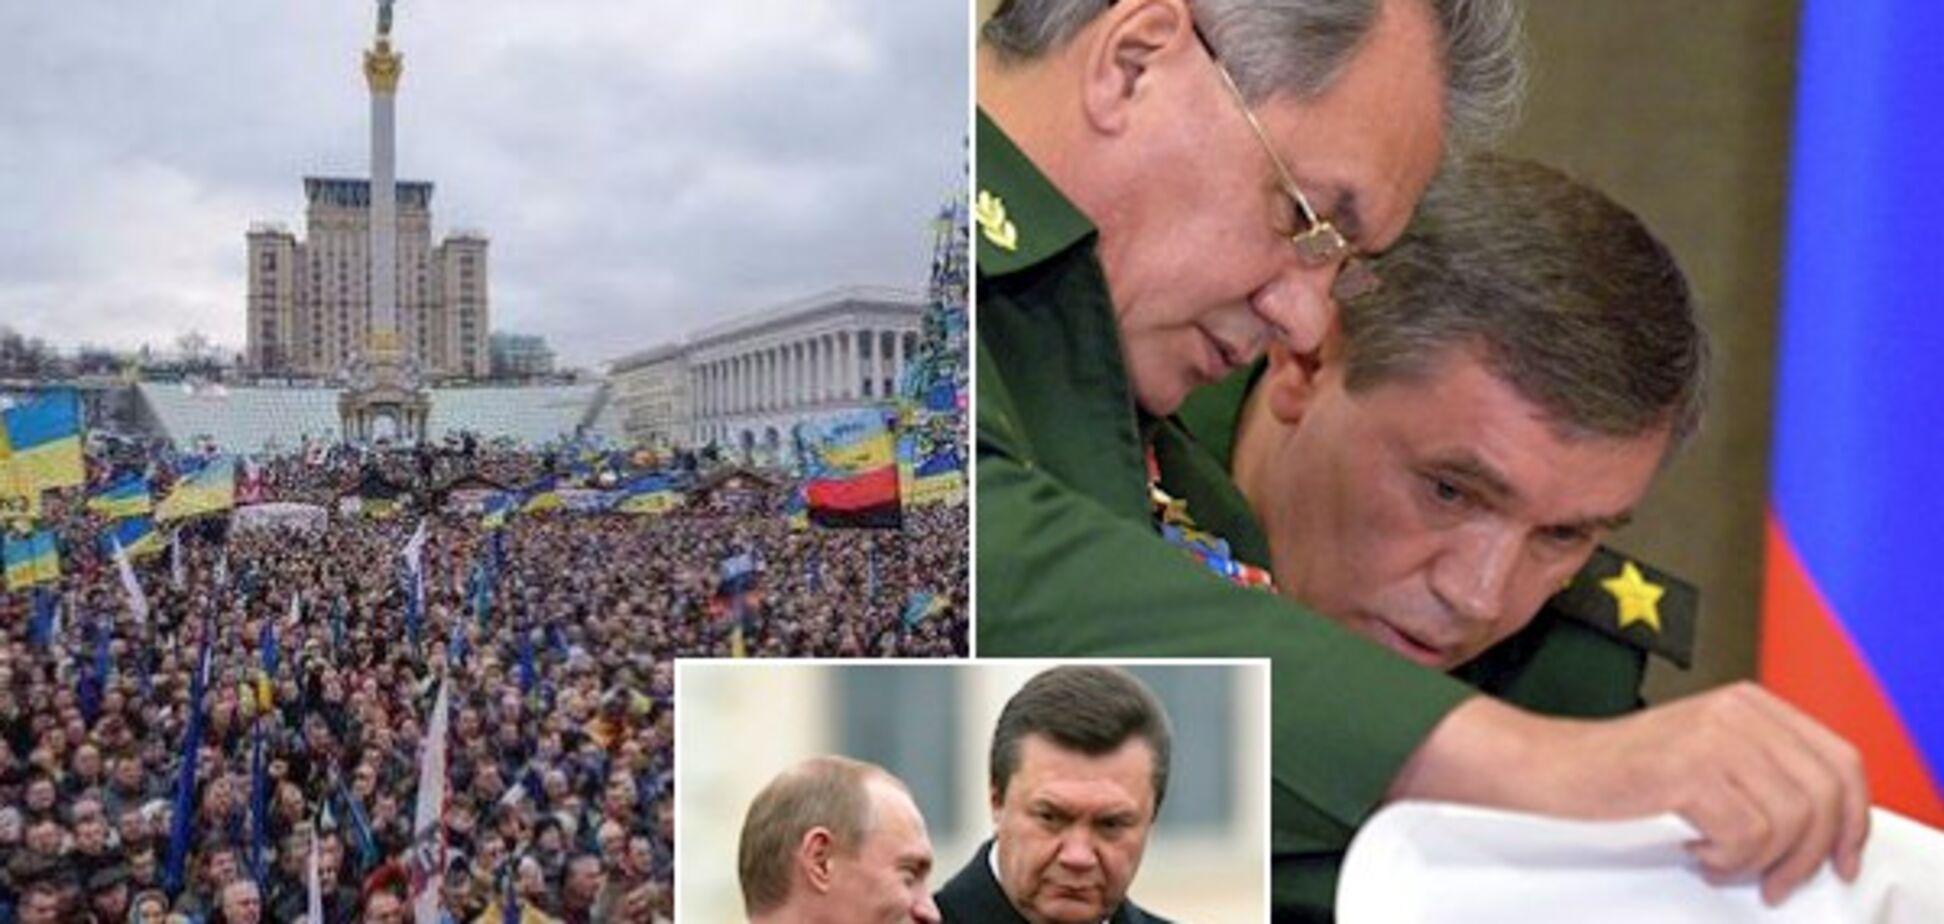 Еще до Майдана: волонтер рассказал, как Россия превратила Украину в полигон